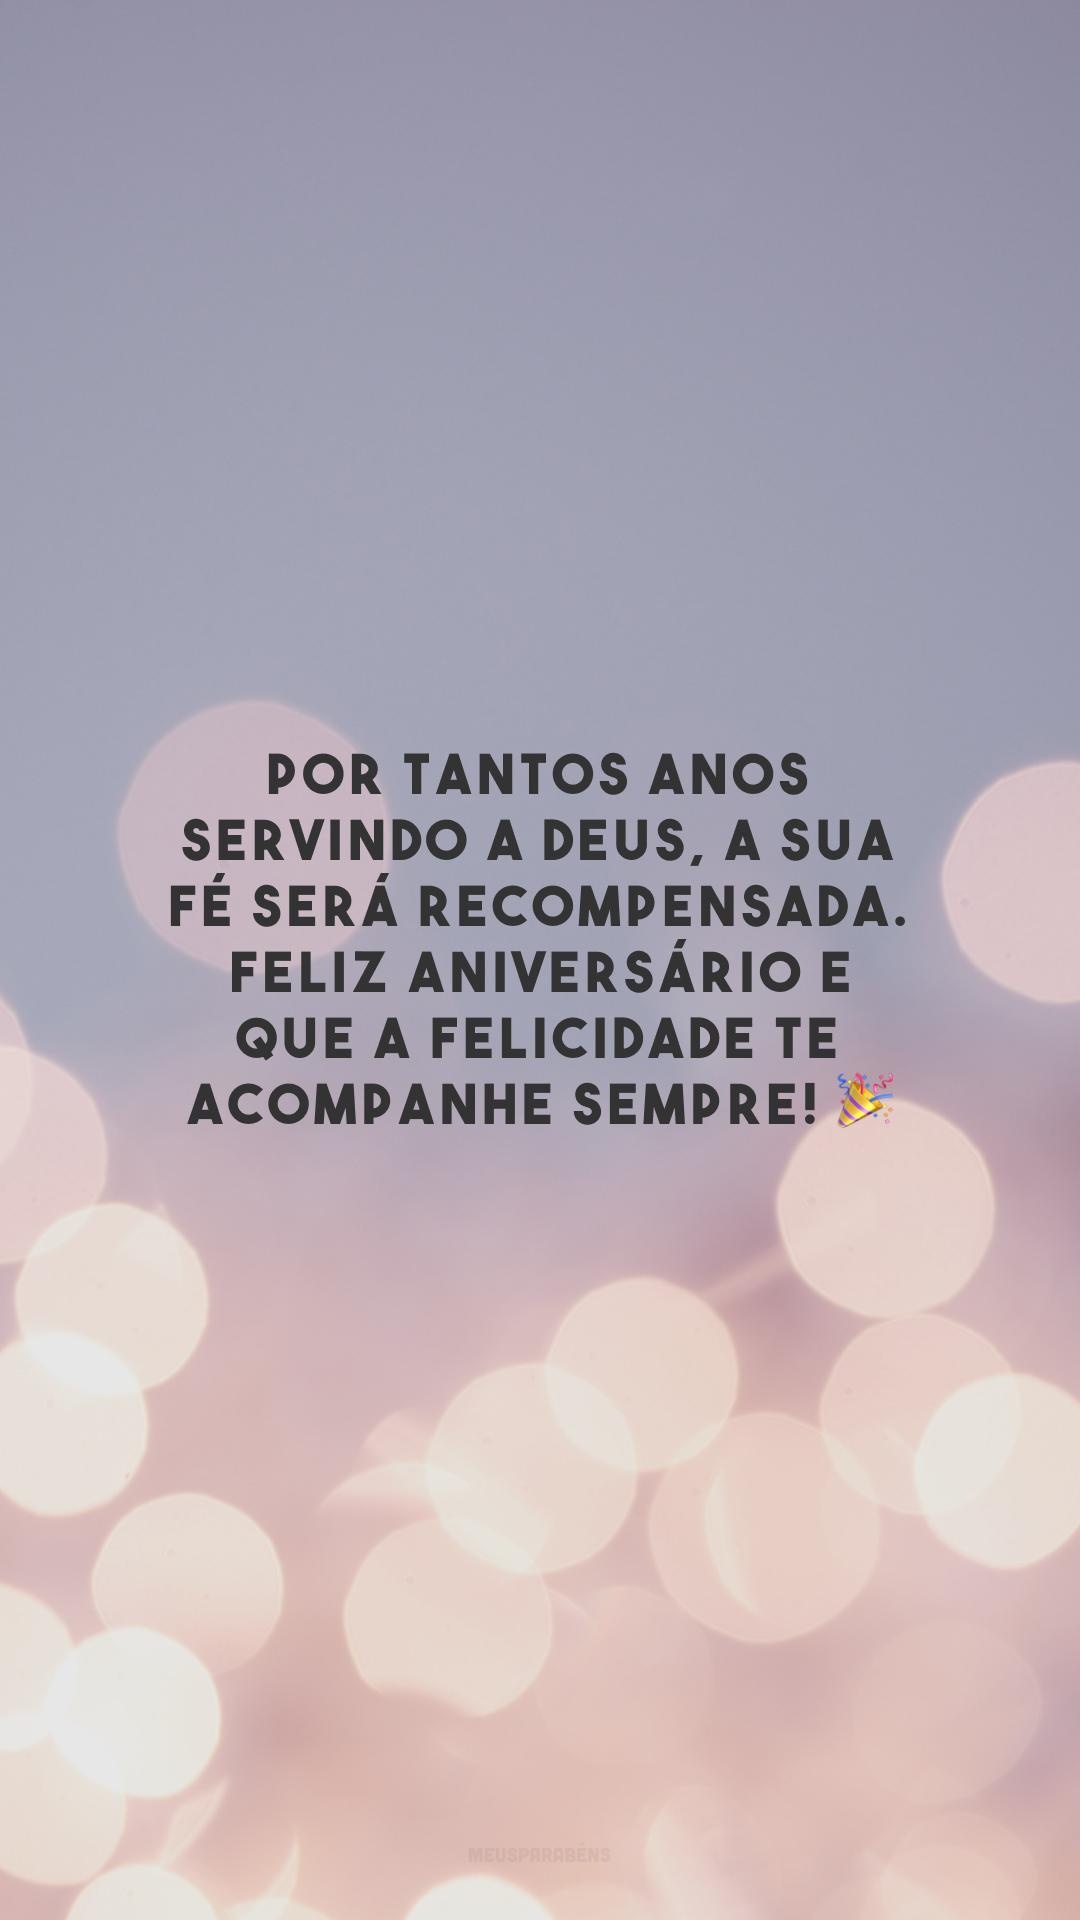 Por tantos anos servindo a Deus, a sua fé será recompensada. Feliz aniversário e que a felicidade te acompanhe sempre! 🎉